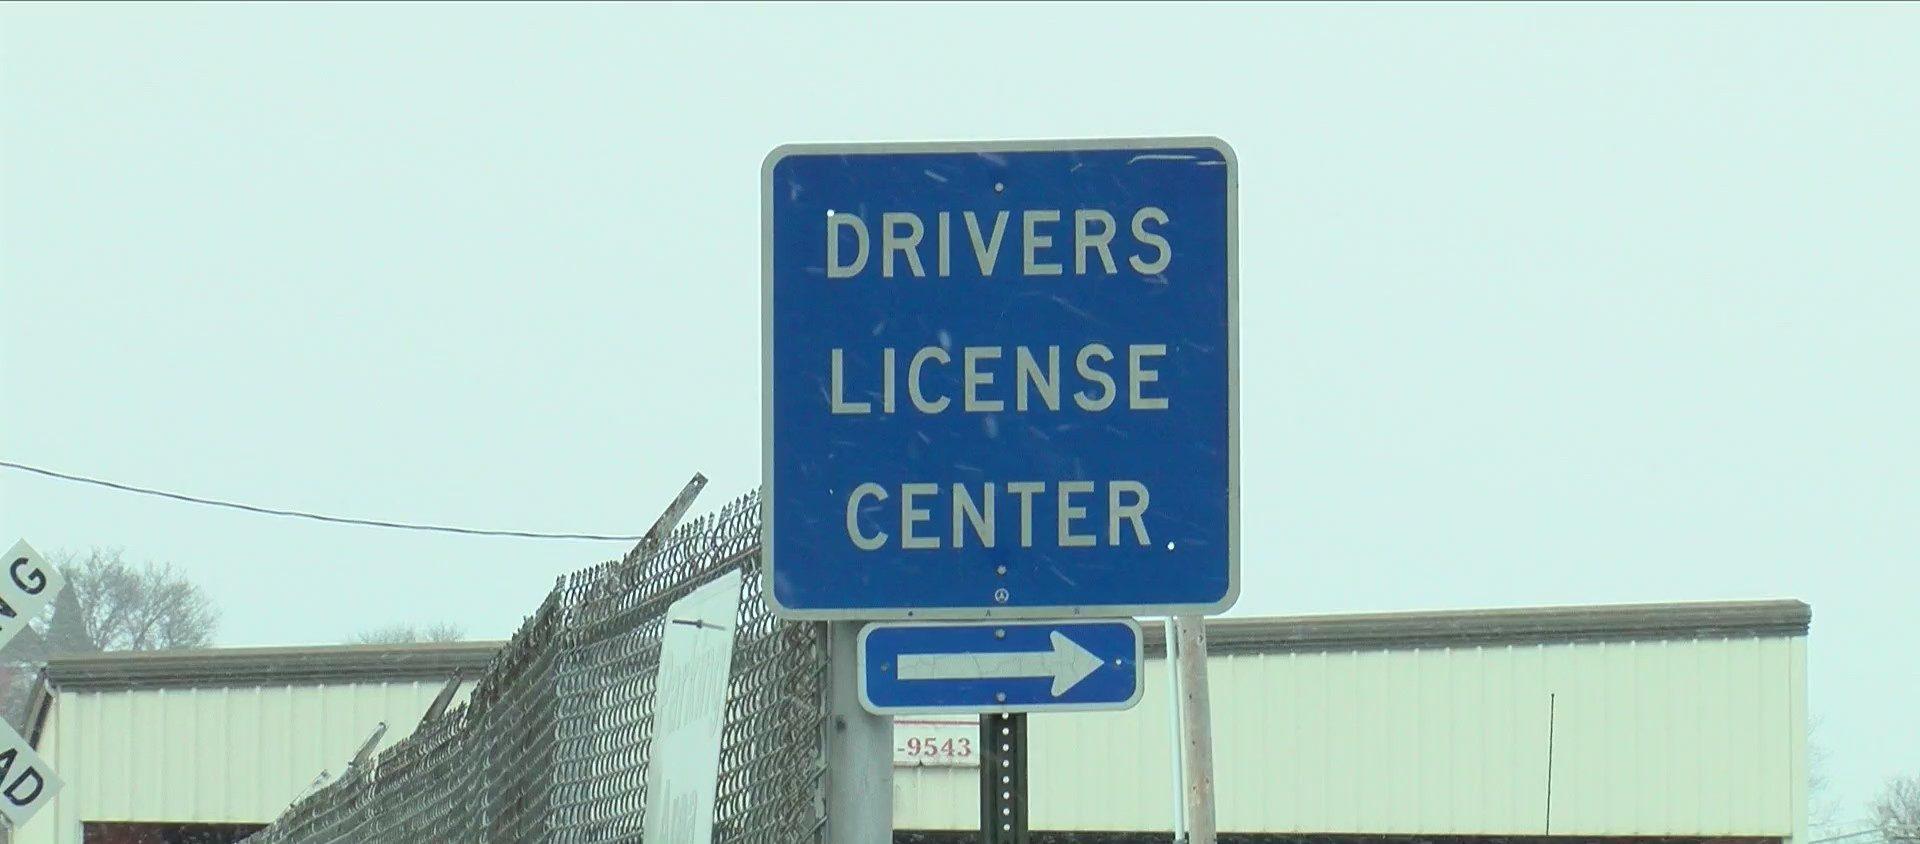 Altoona_Drivers_License_Center_0_20190111033554